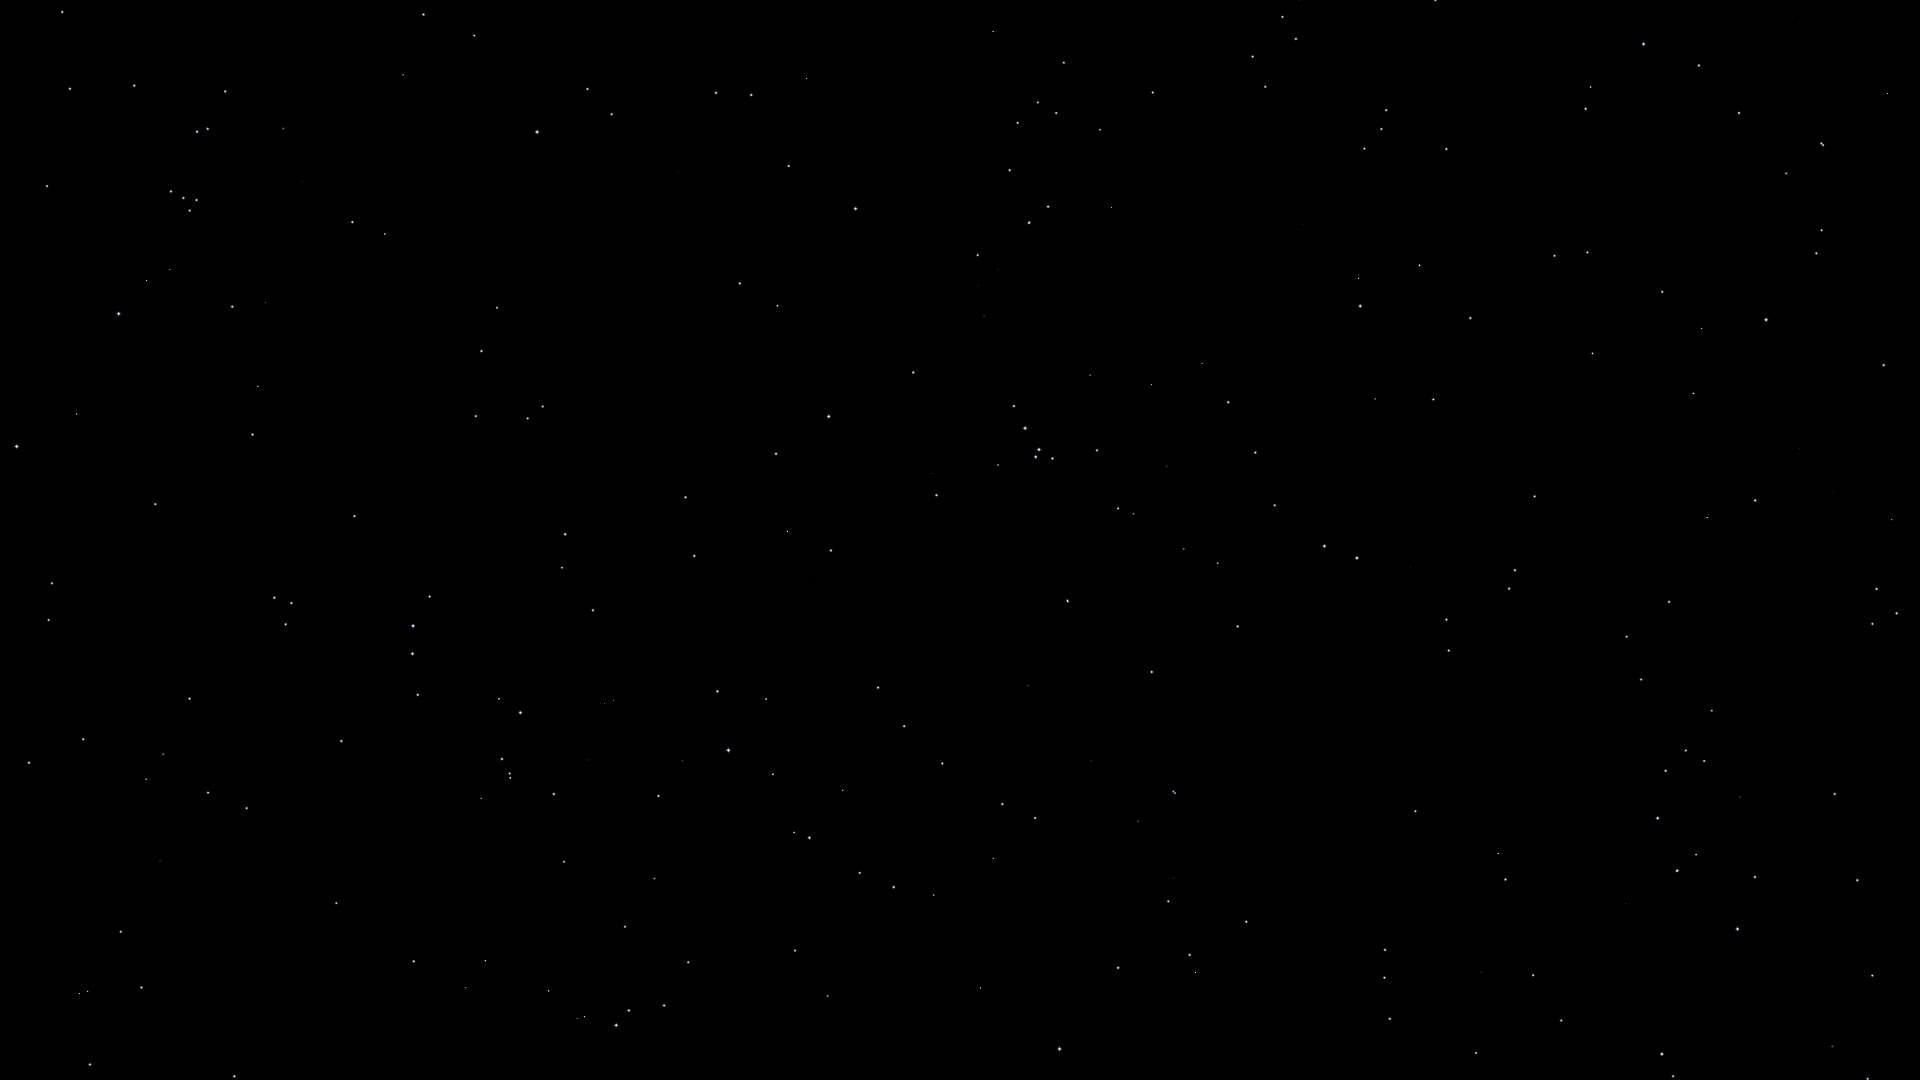 ProjectTests/mySketch/bin/data/sky.jpg